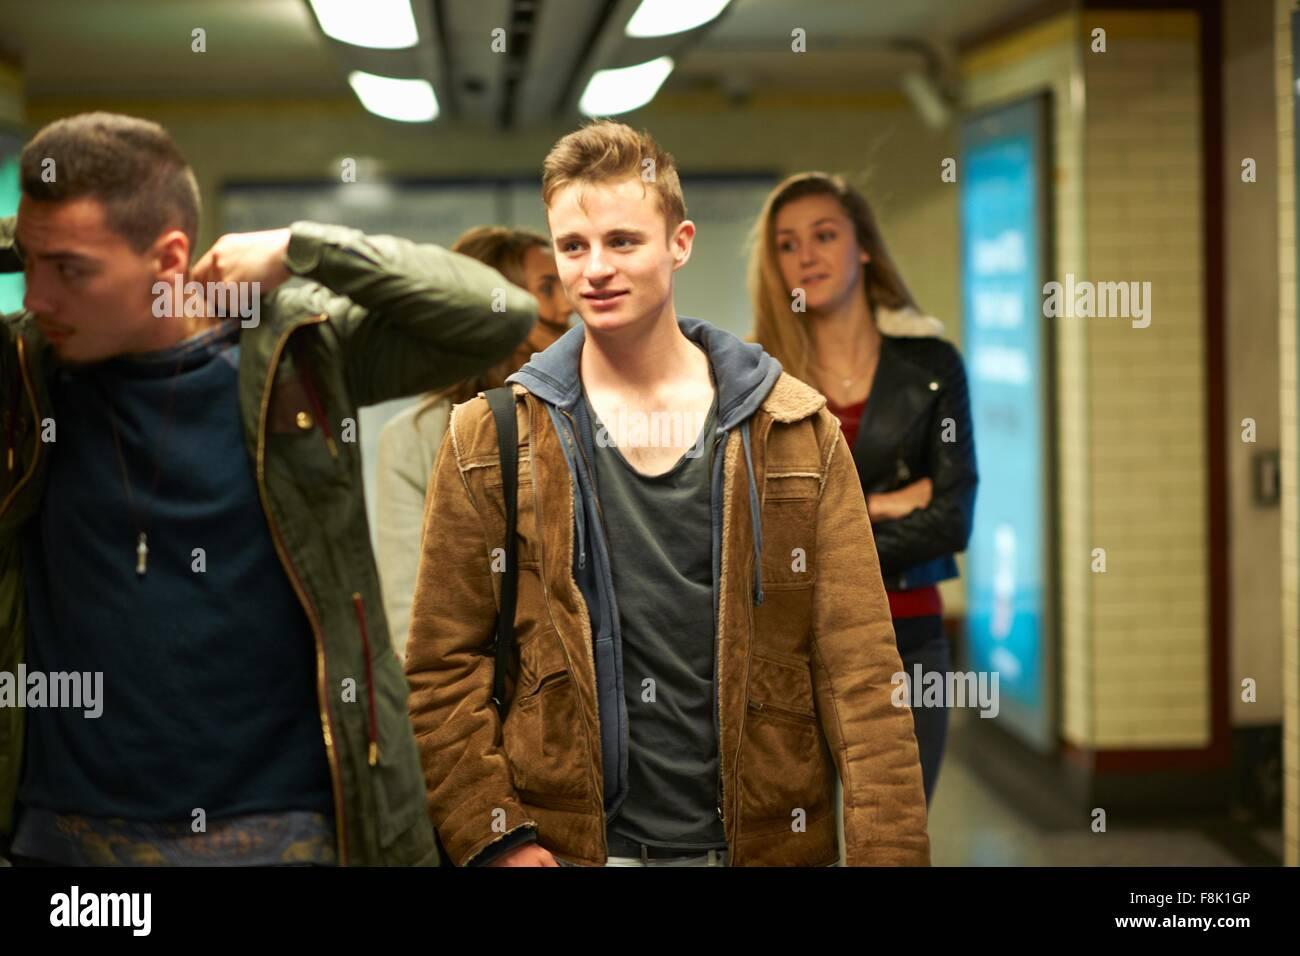 Quattro giovani amici adulti camminando attraverso la stazione della metropolitana di Londra, London, Regno Unito Immagini Stock